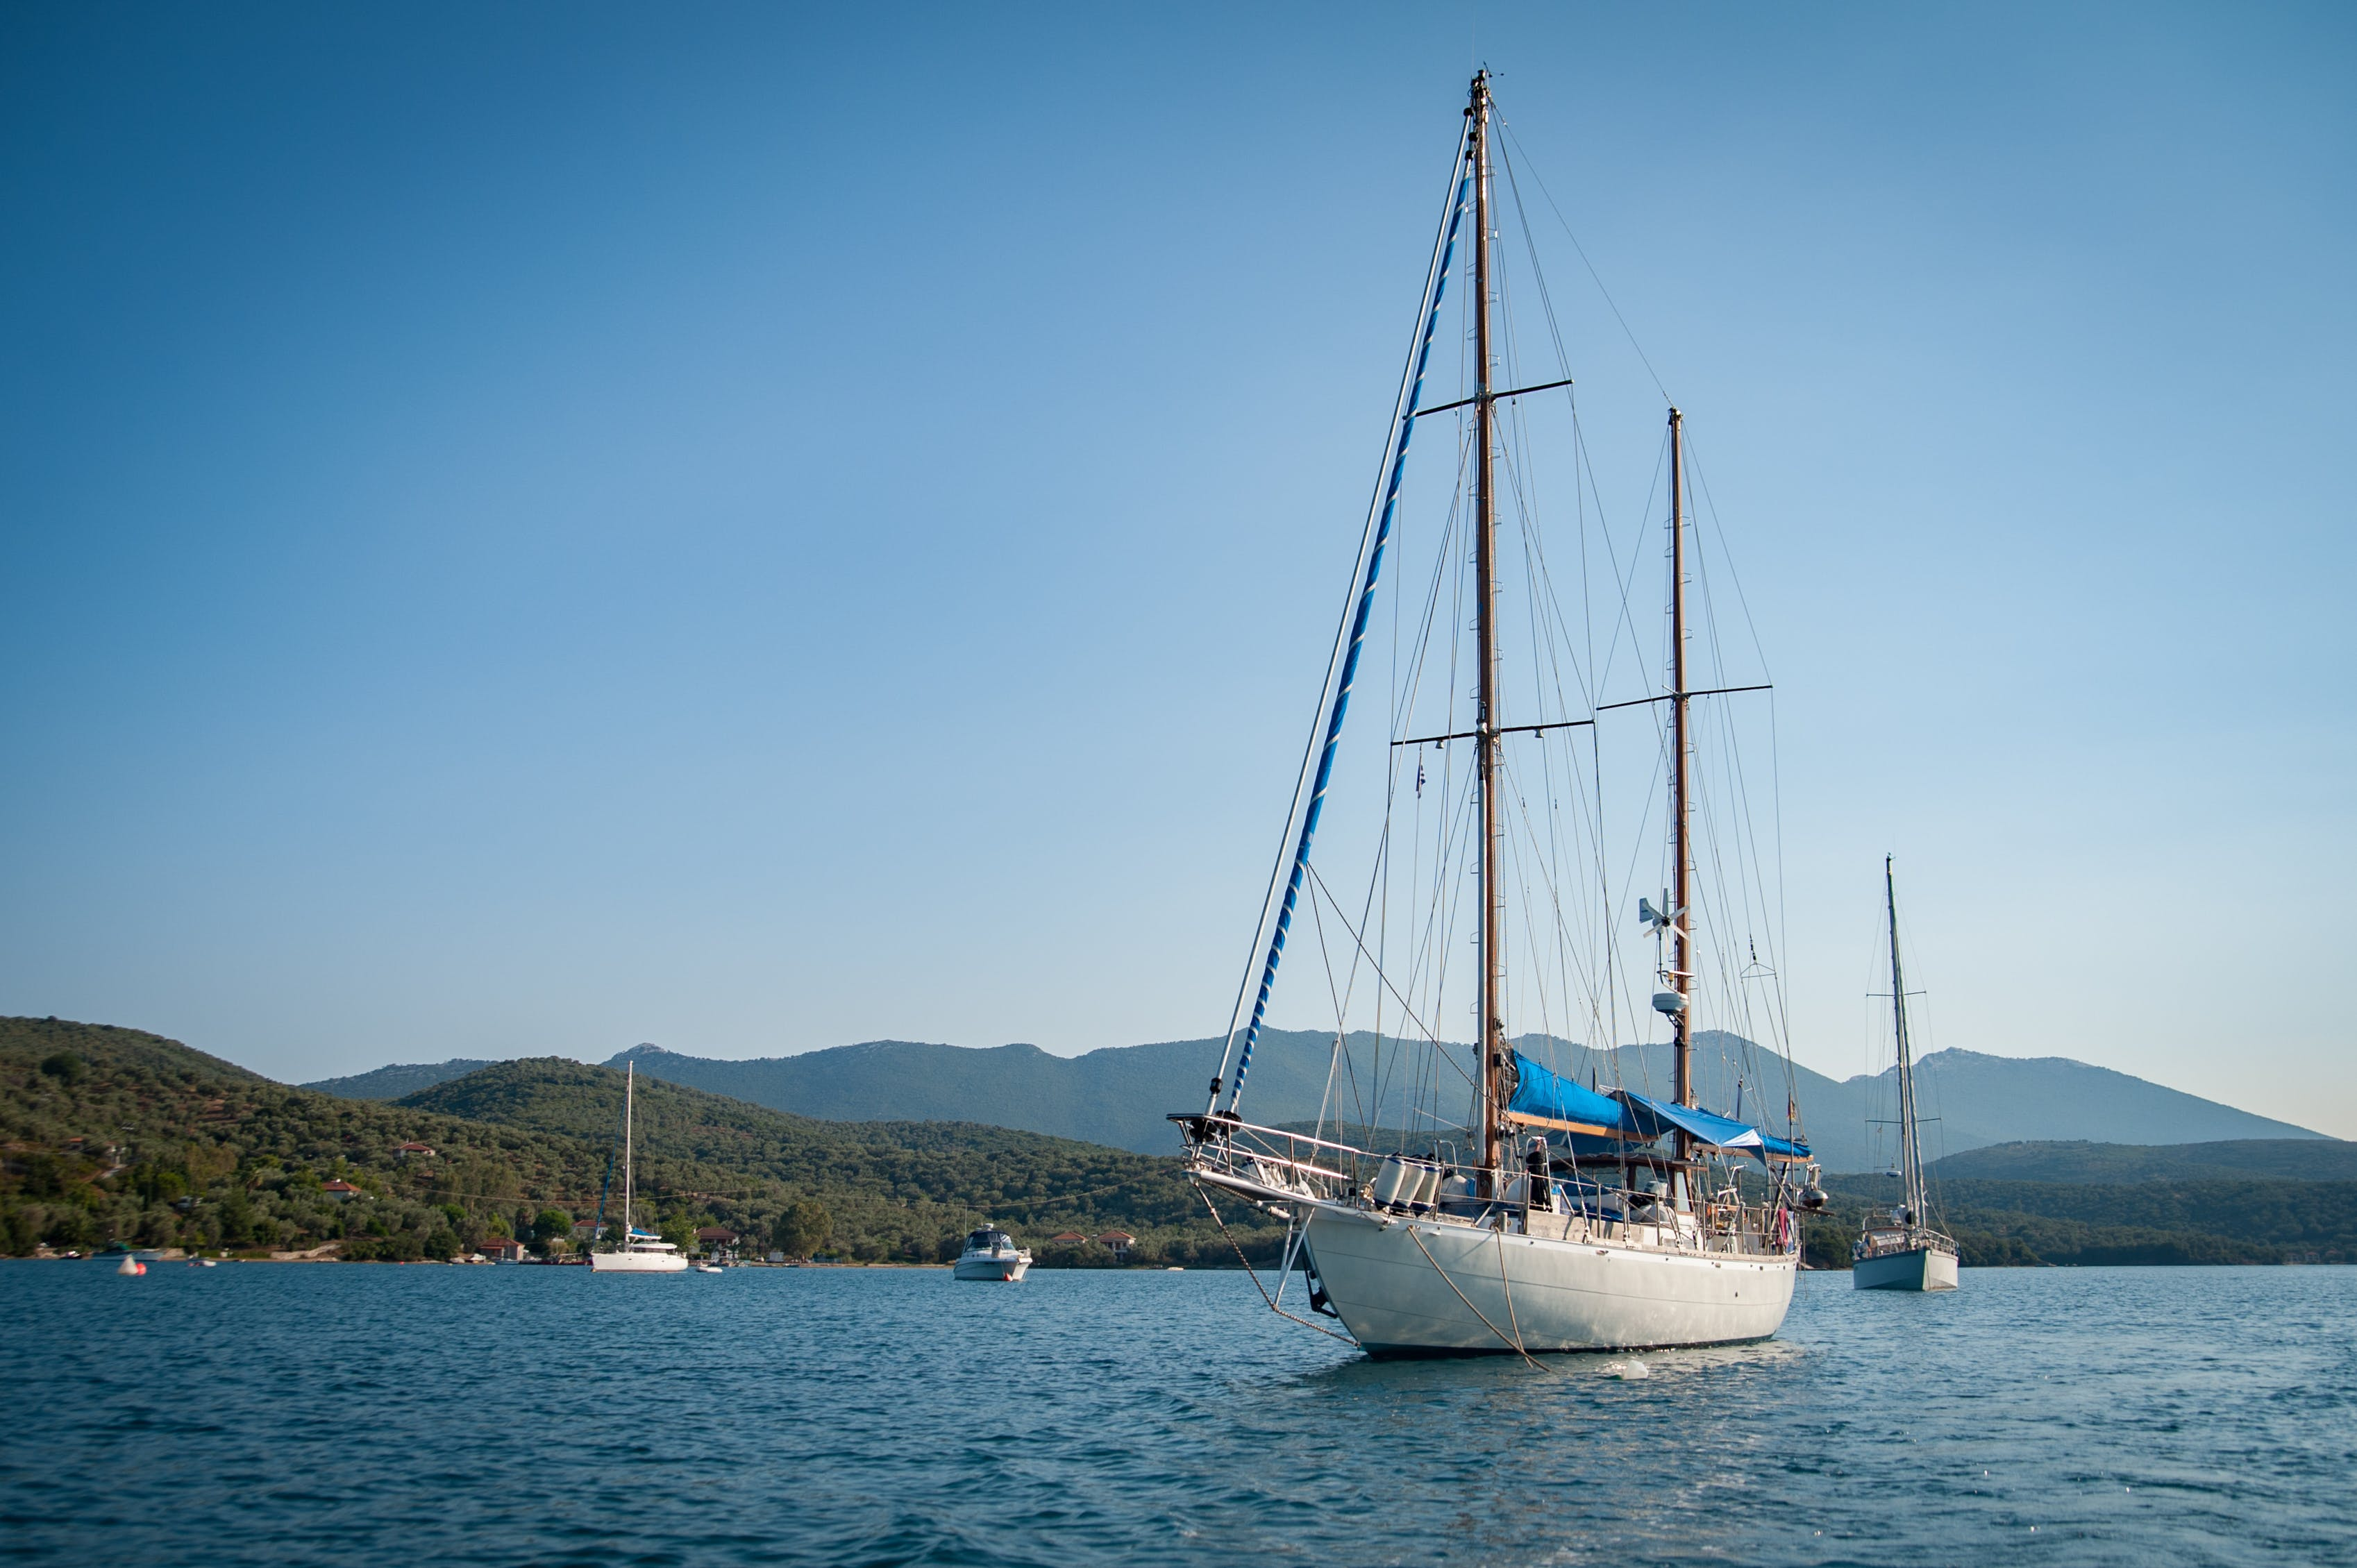 Gratis lagerfoto af båd, blå himmel, Grækenland, hav